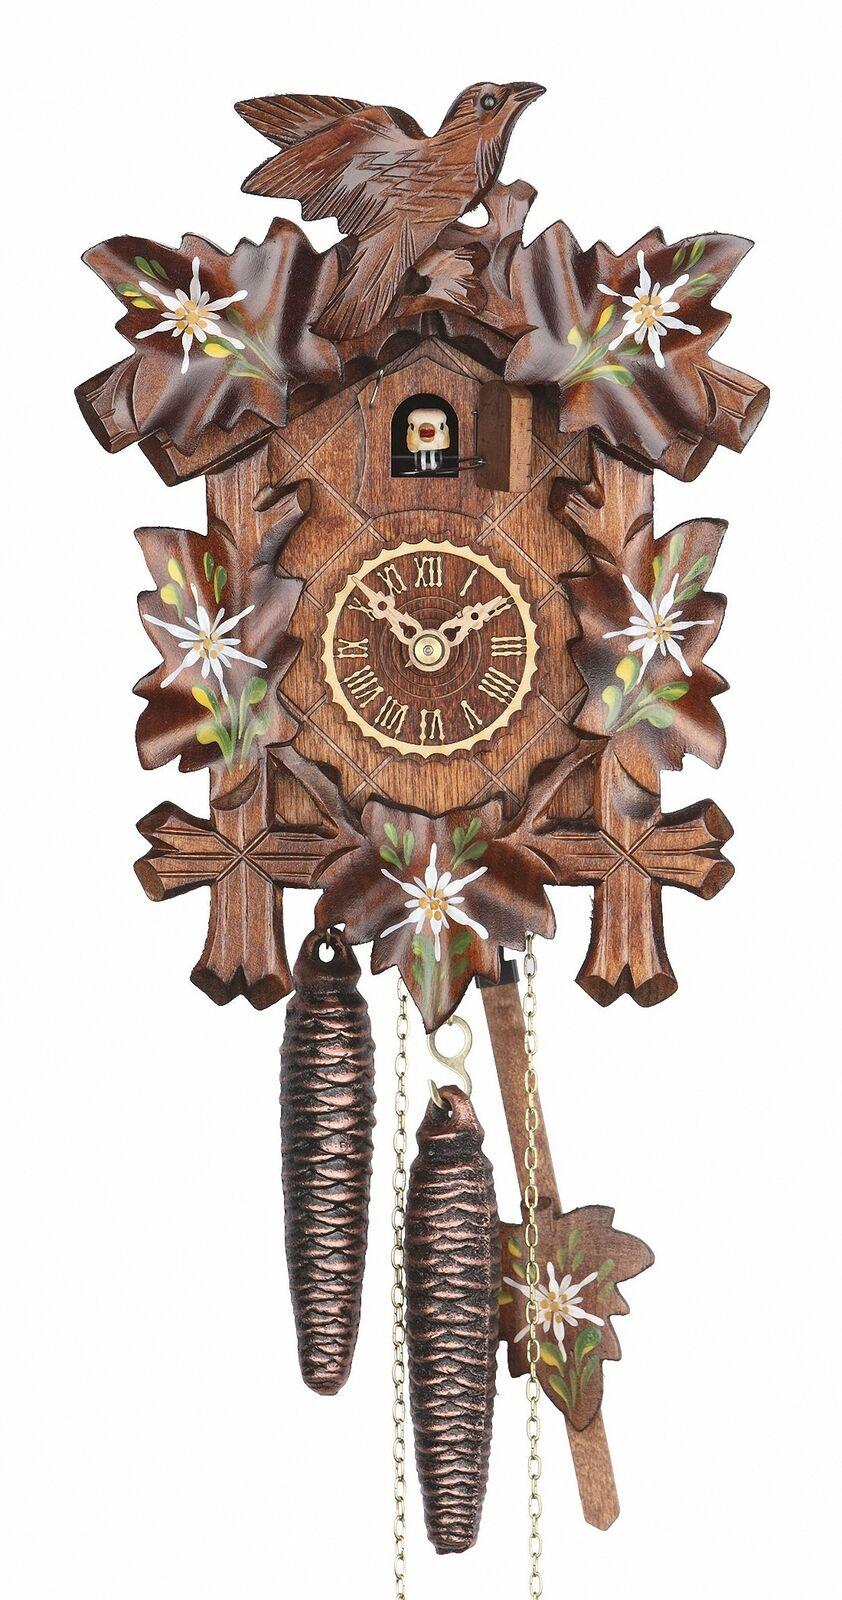 8-Tag Kuckucksuhr Schwarzwalduhr 1x Uhrenkette vermessingt mit Öse und Haken f